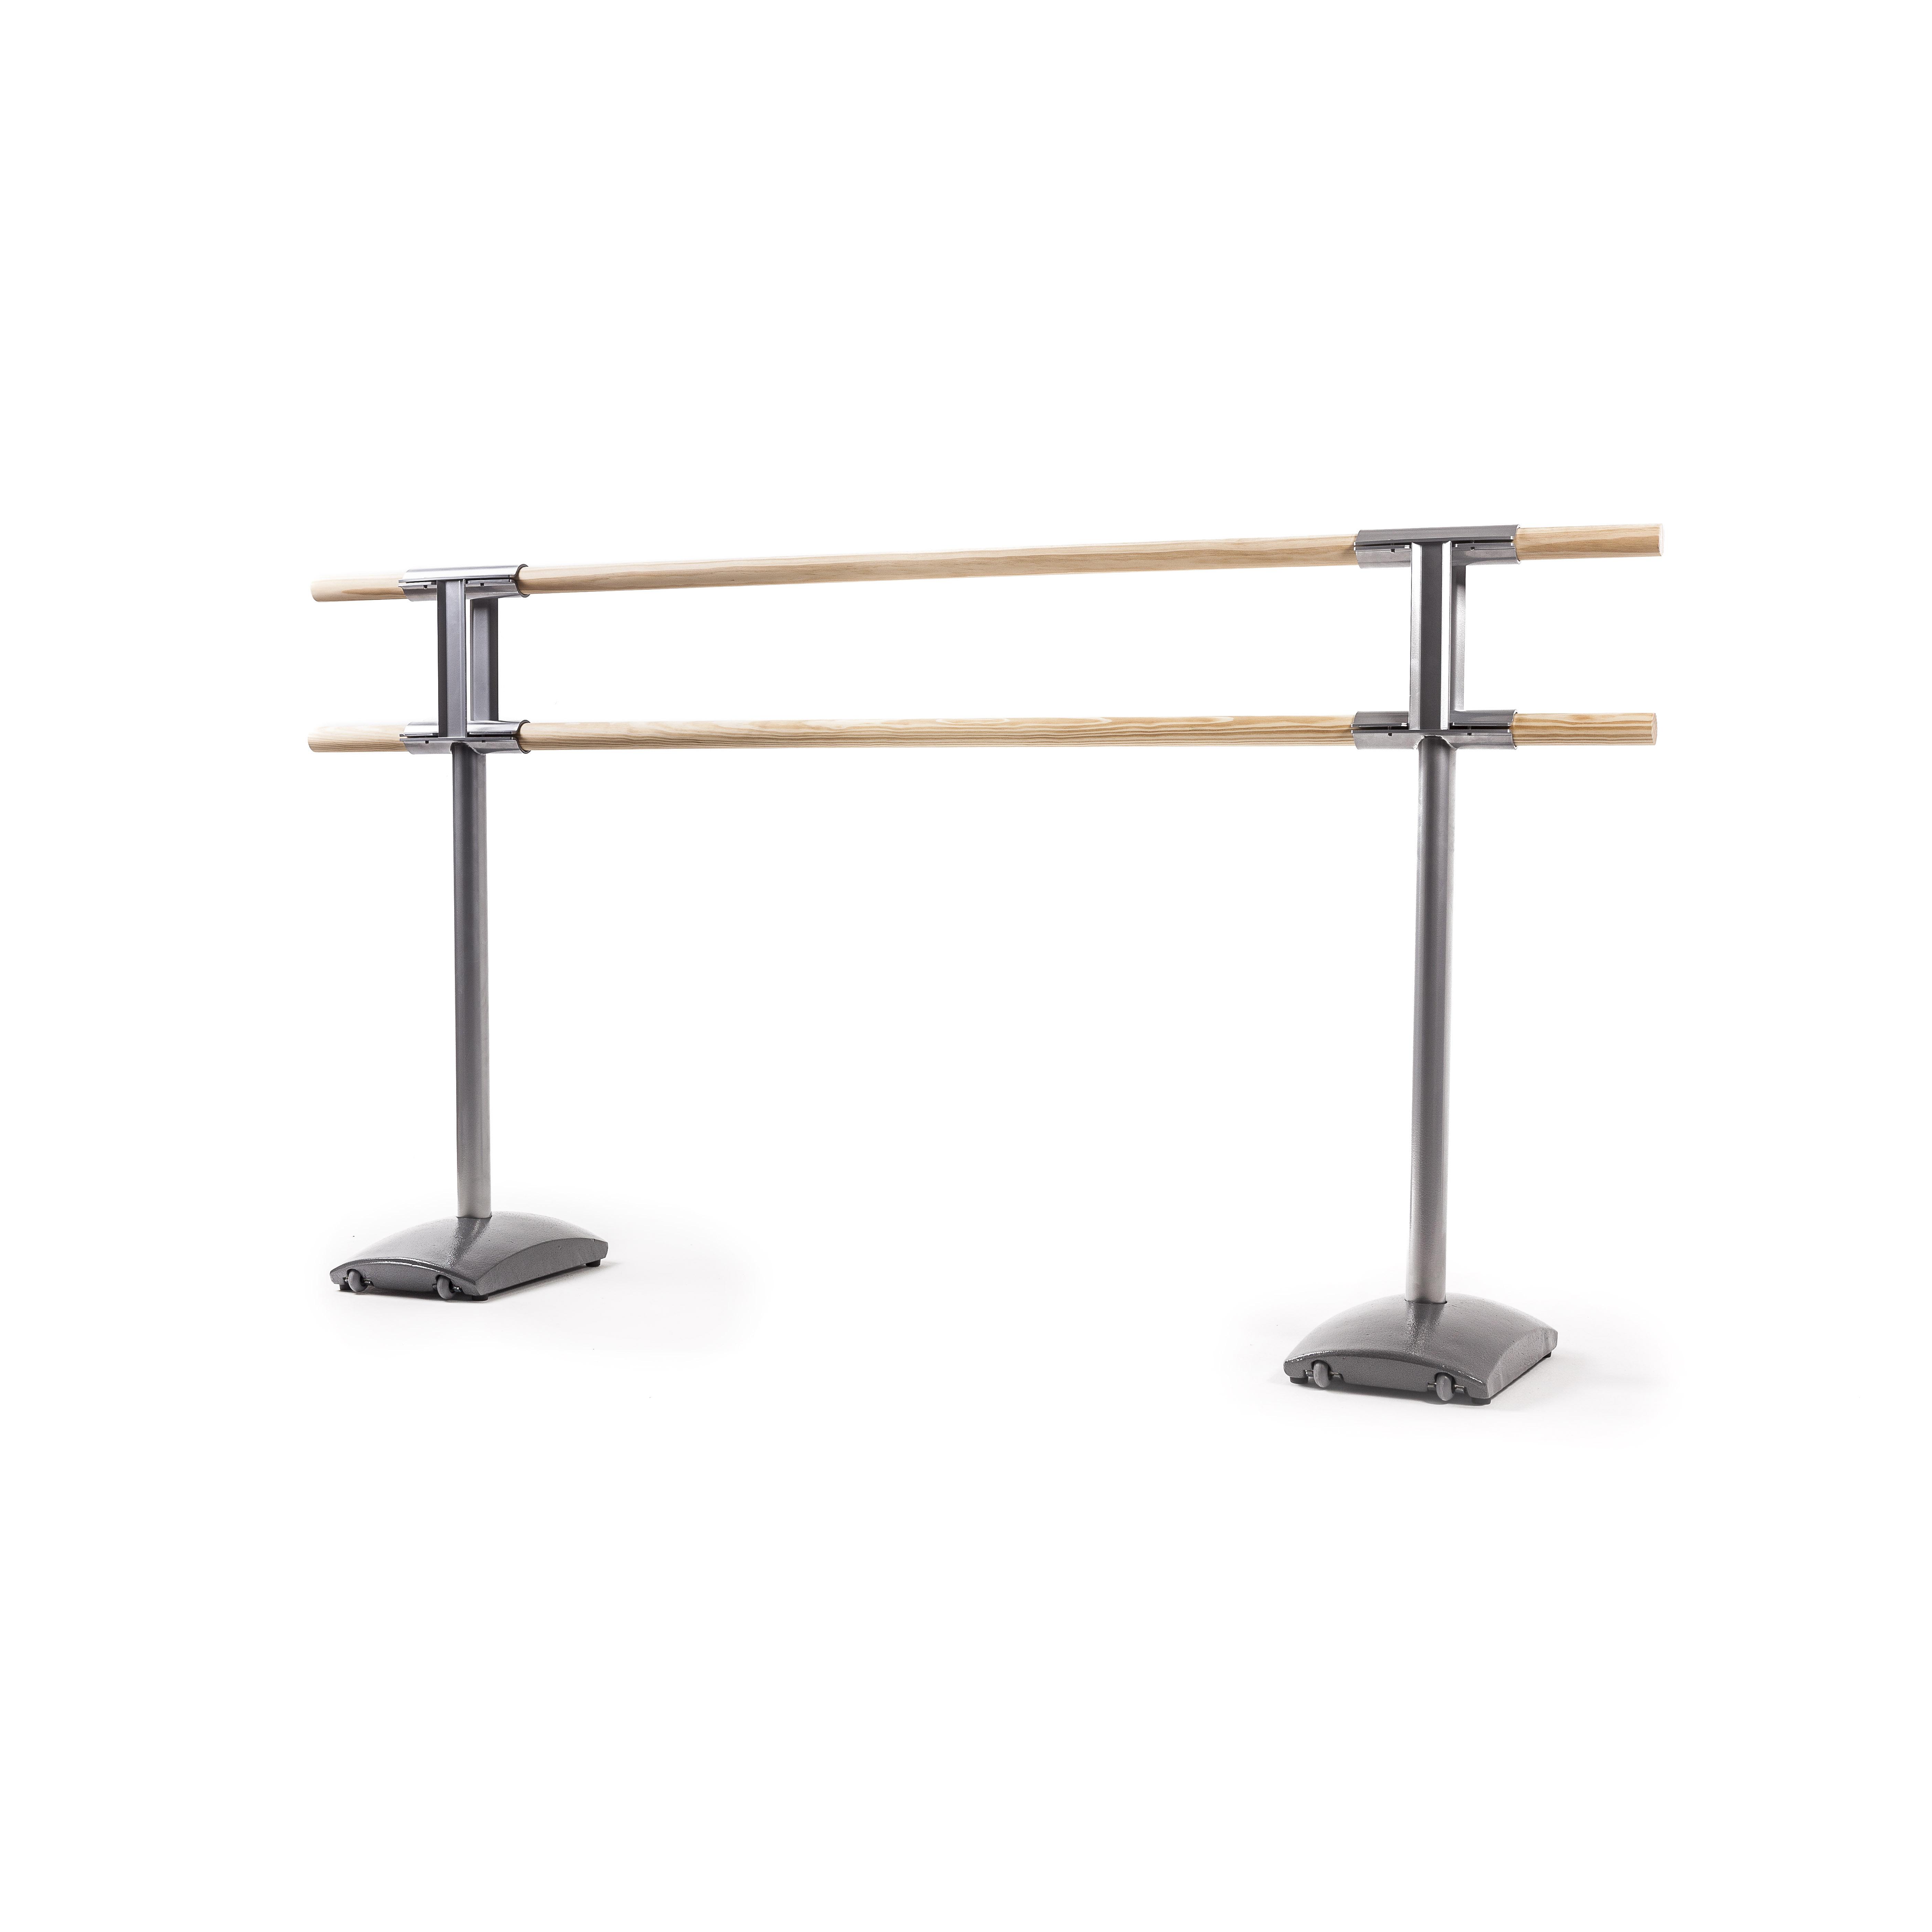 Barre de ballet mobile MAURICE : double barre amovible, sur roulettes.